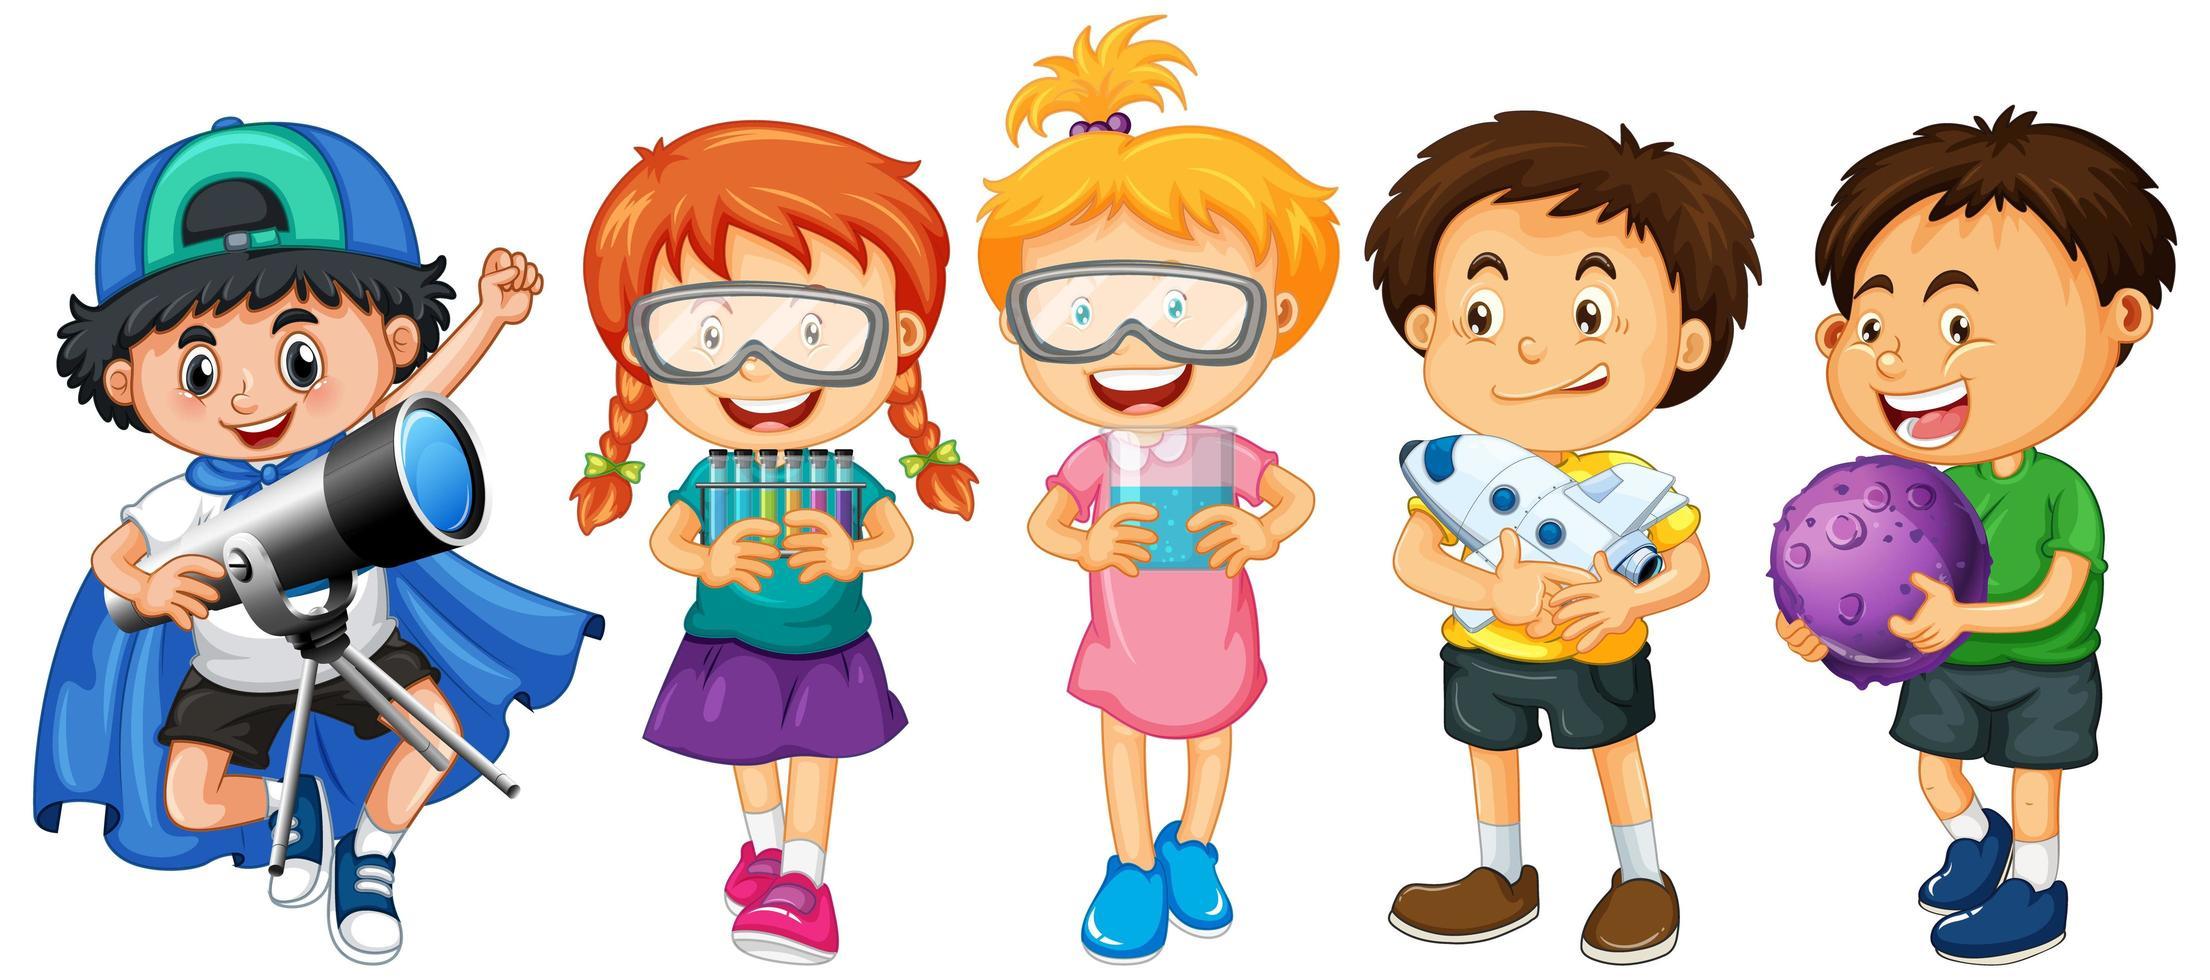 Gruppe der Zeichentrickfigur der kleinen Kinder auf weißem Hintergrund vektor